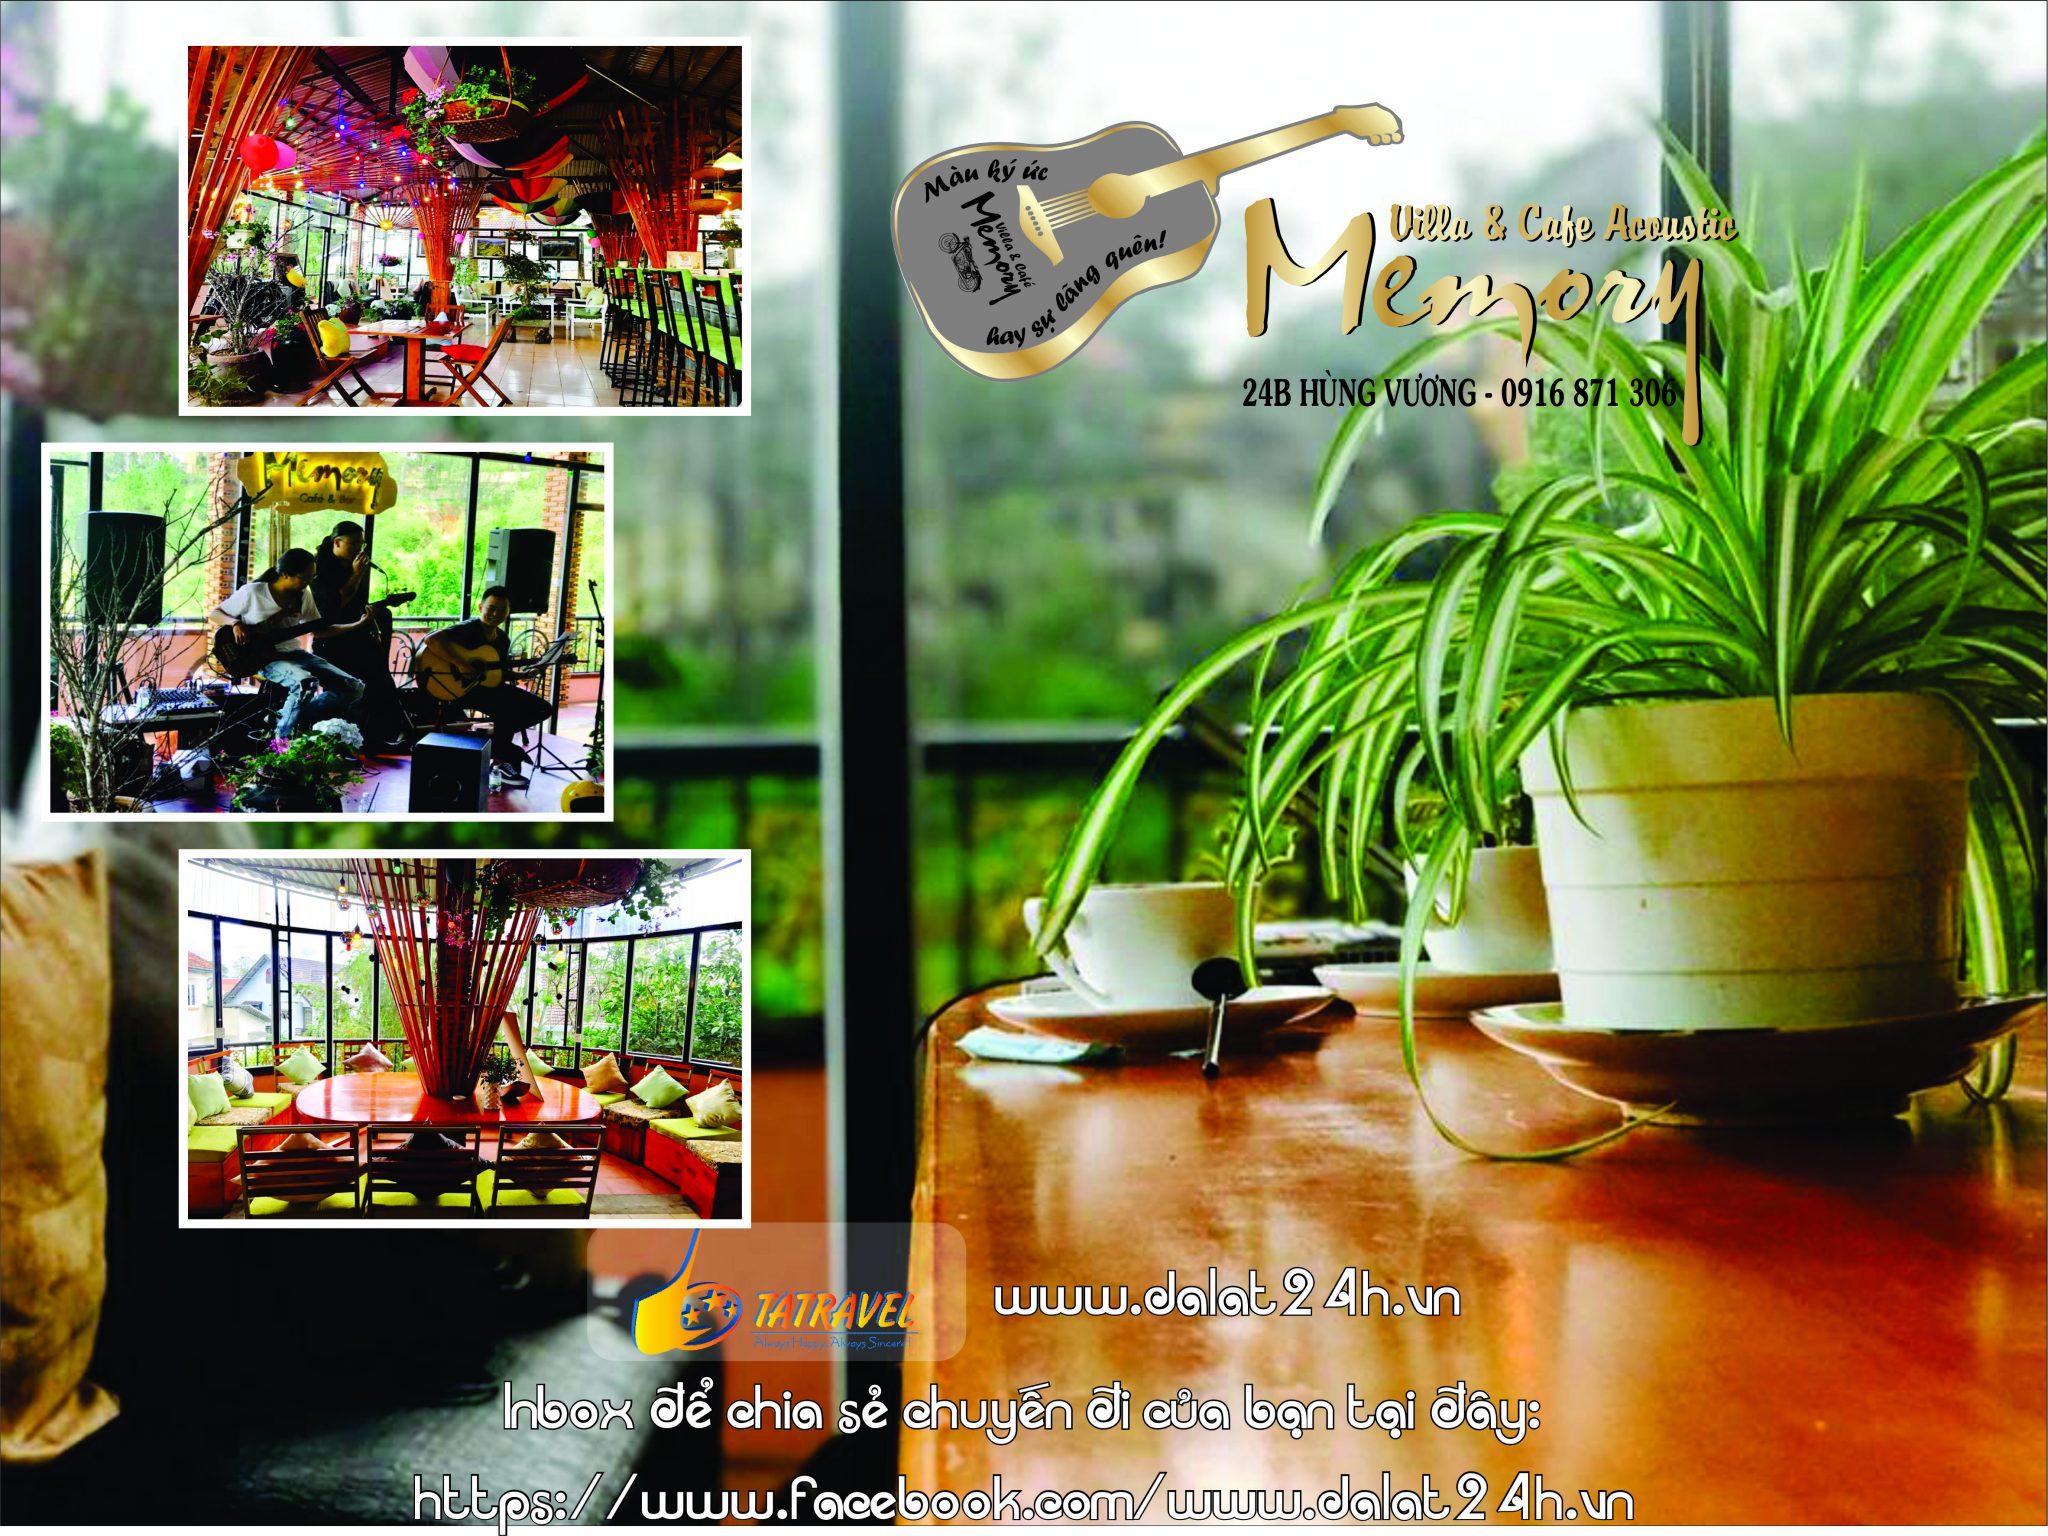 Top 10 quán cafe Đà Lạt tuyệt đẹp - Cafe Memory Acoustic - datphongdalat.vn